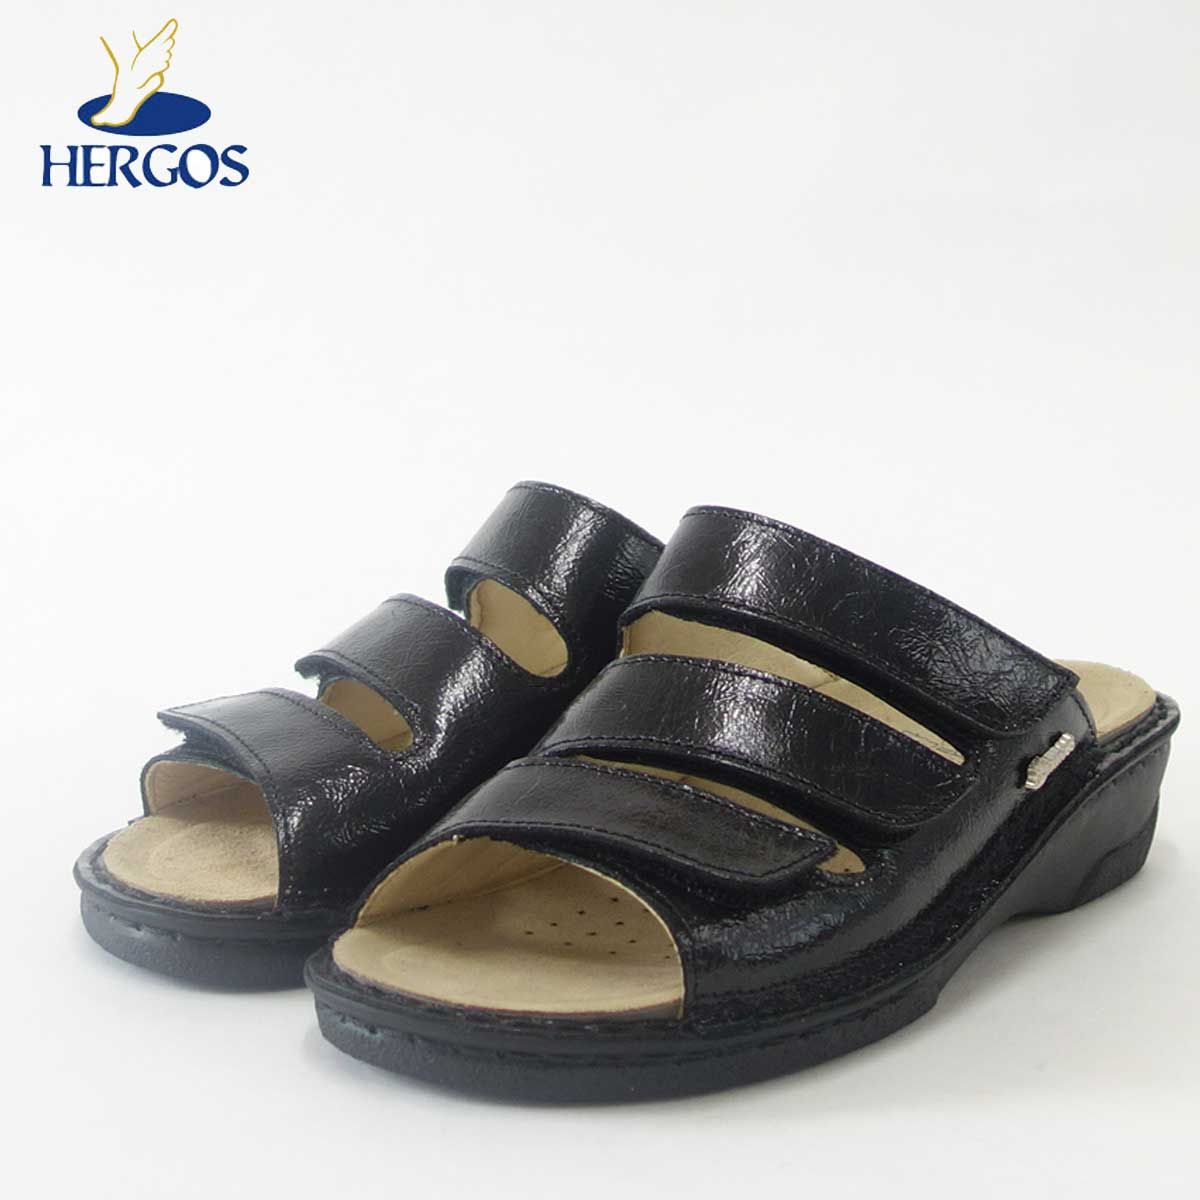 HERGOS H 611 ブラック(レディース)イタリア製コンフォートシューズ フッドベッドが足にベストフィット!快適サンダル 「靴」